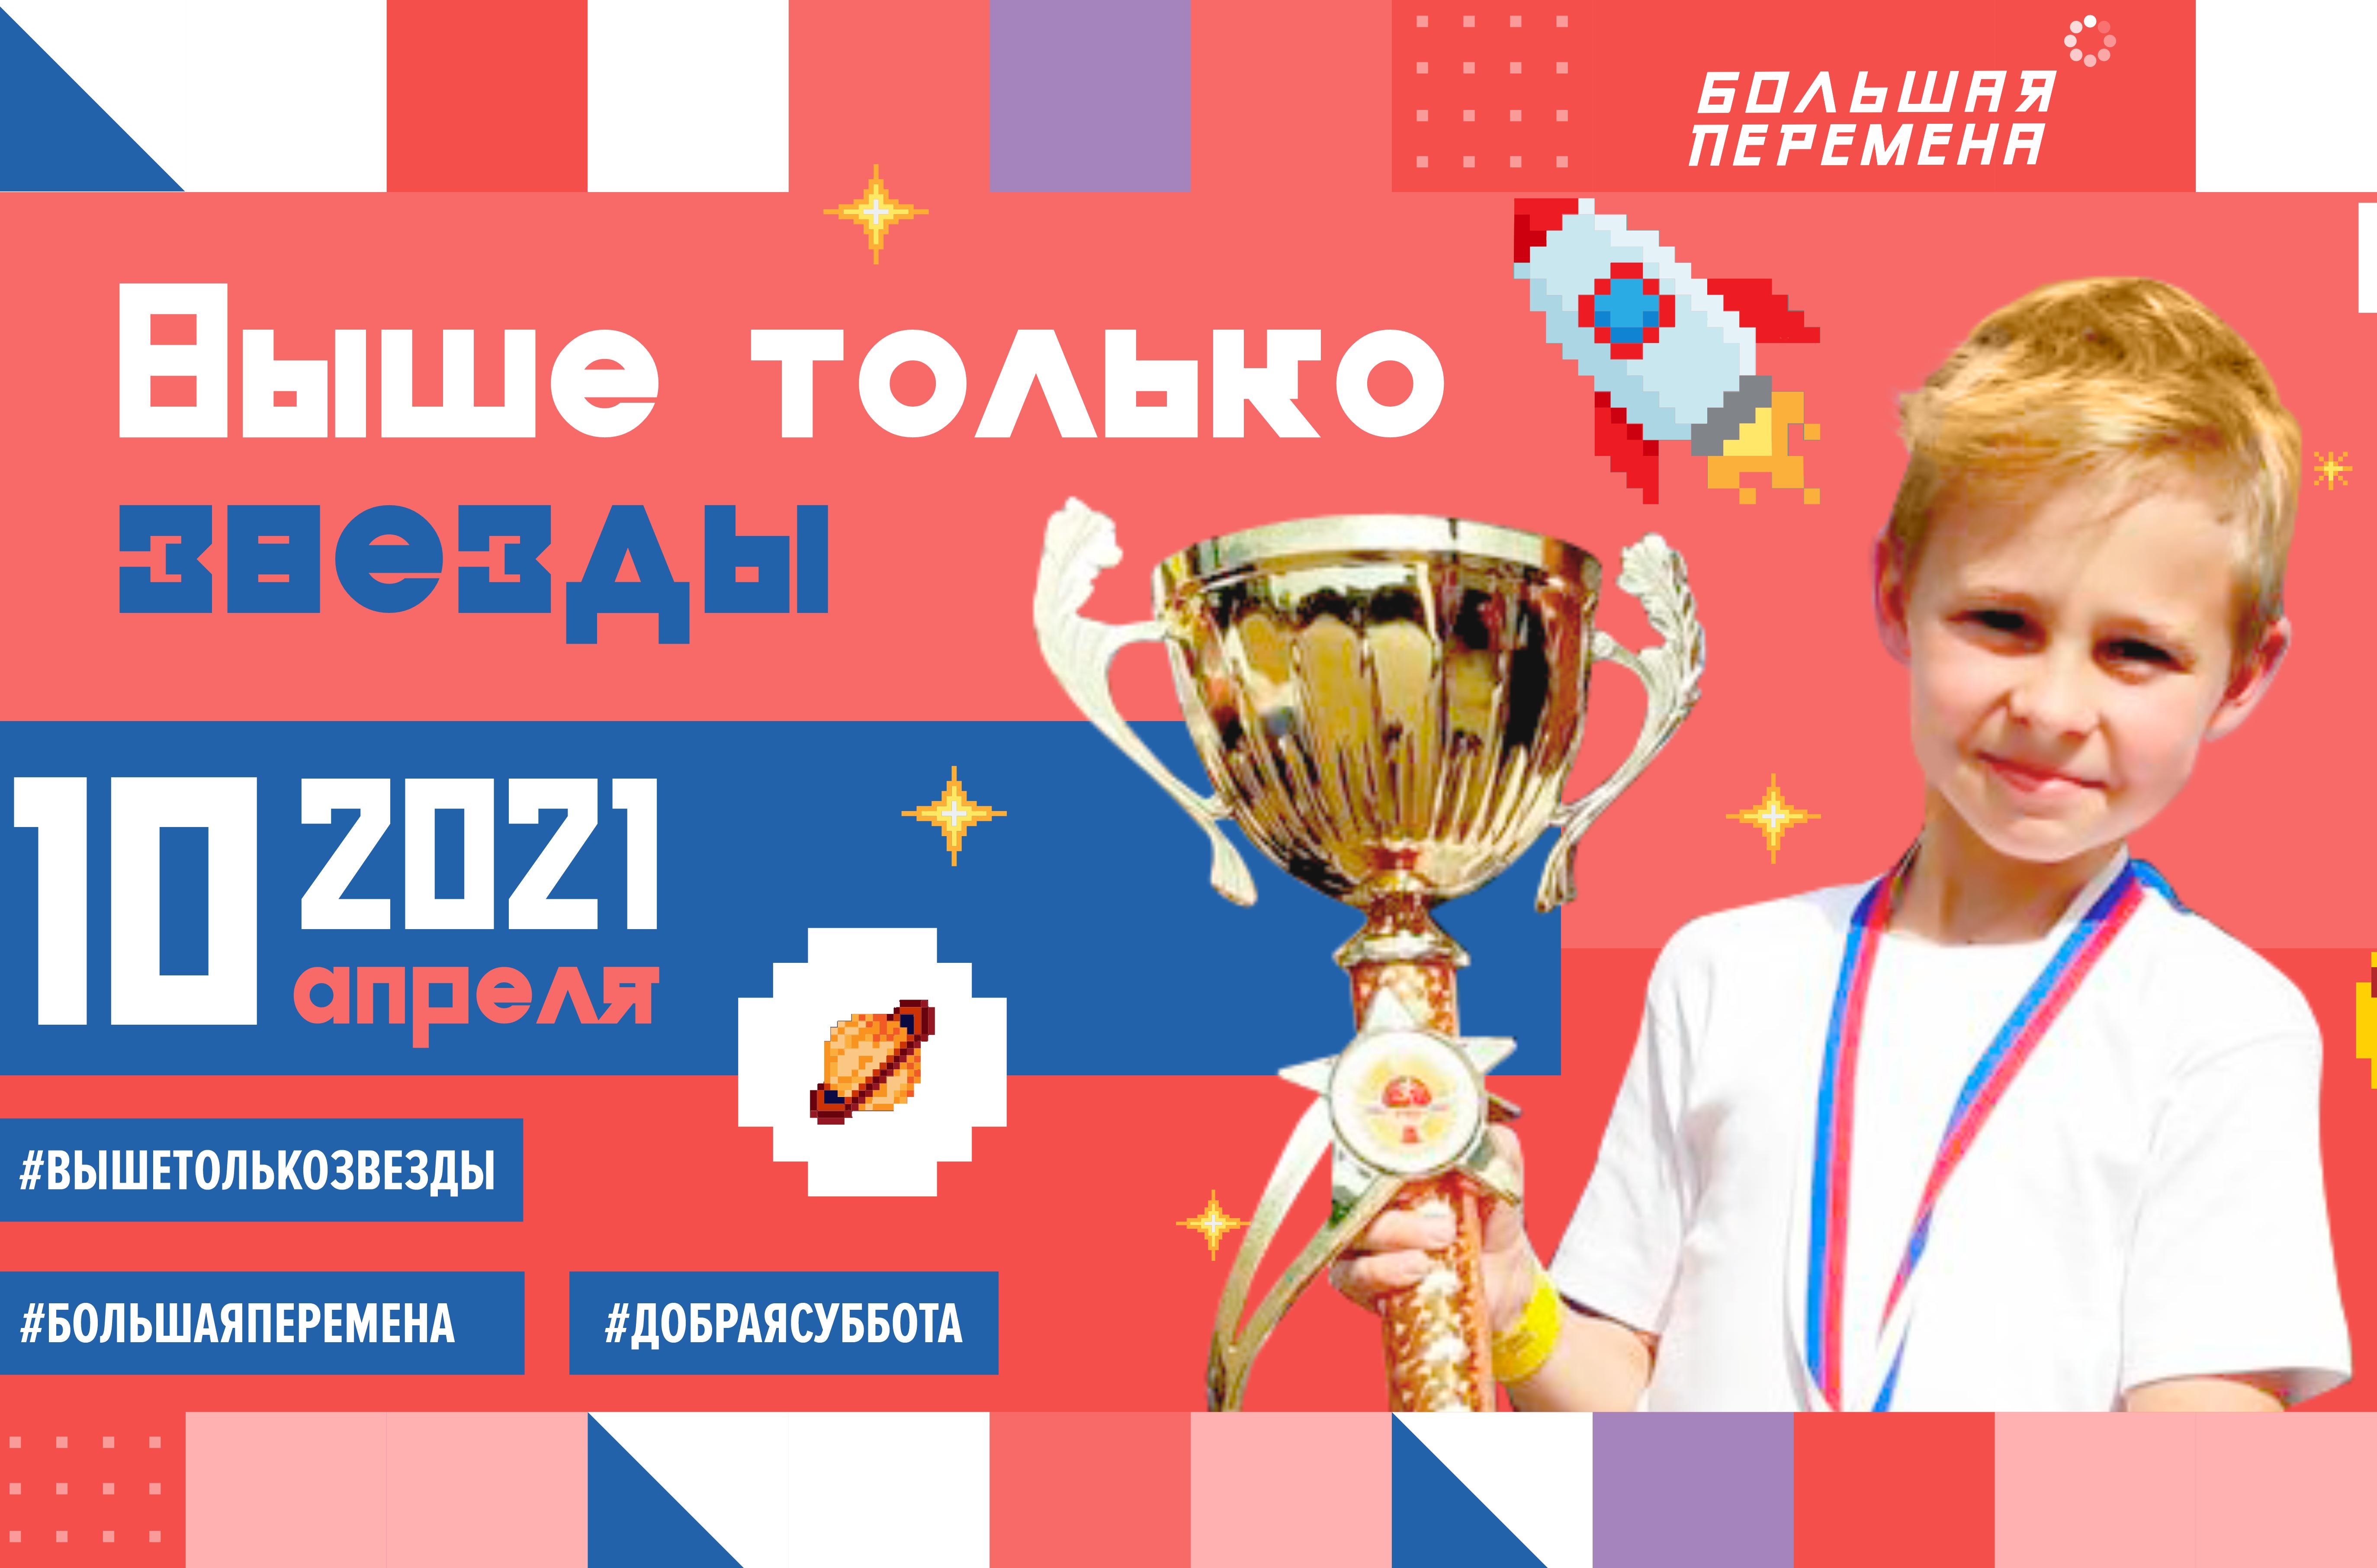 Приглашаем присоединиться к всероссийской акции в рамках конкурса Большая Перемена «Добрая суббота»